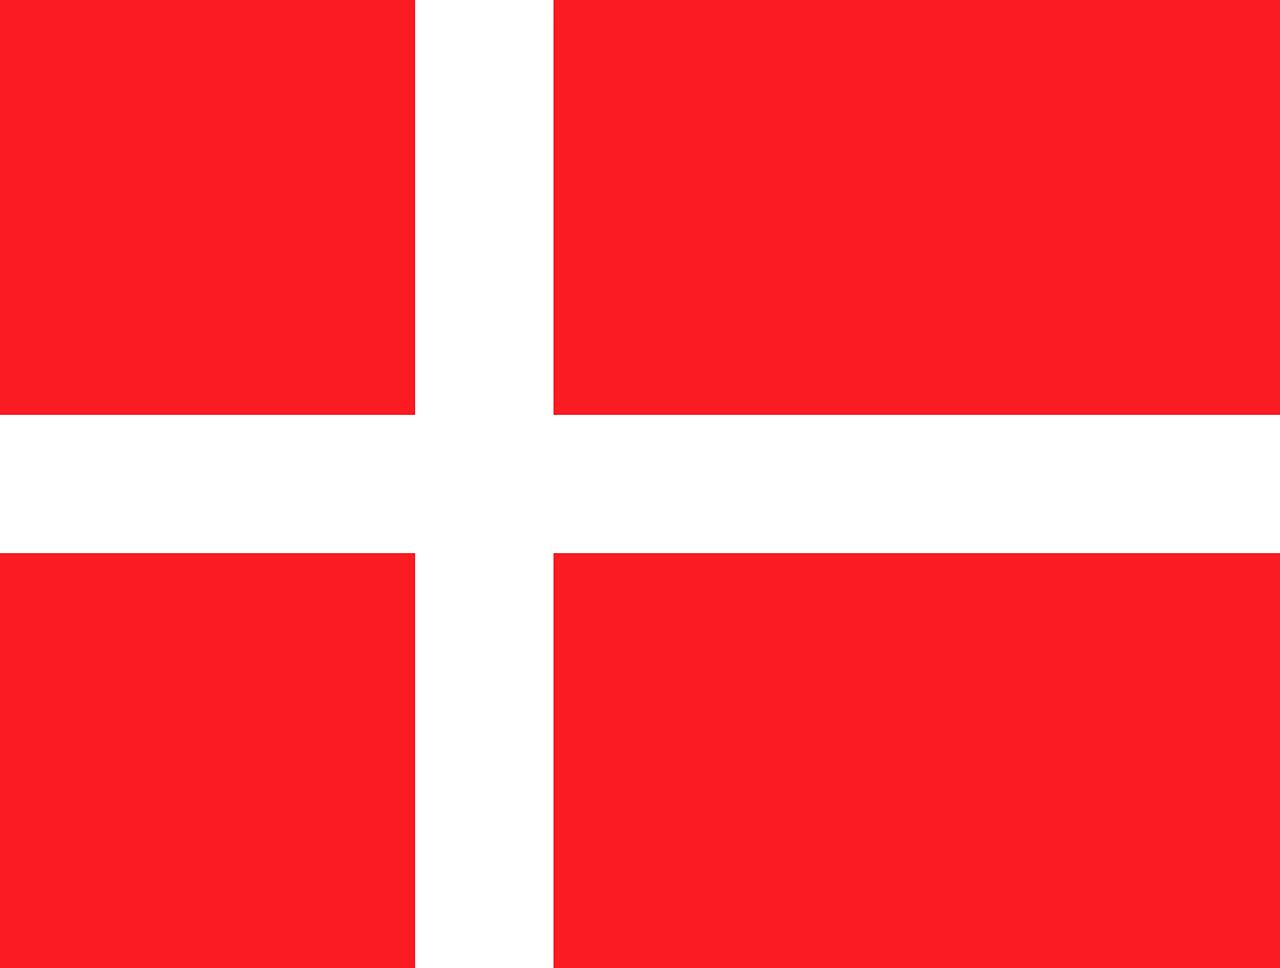 Duńska karta podatkowa – czym jest, co zawiera, dla kogo jest obowiązkiem? – cz.1